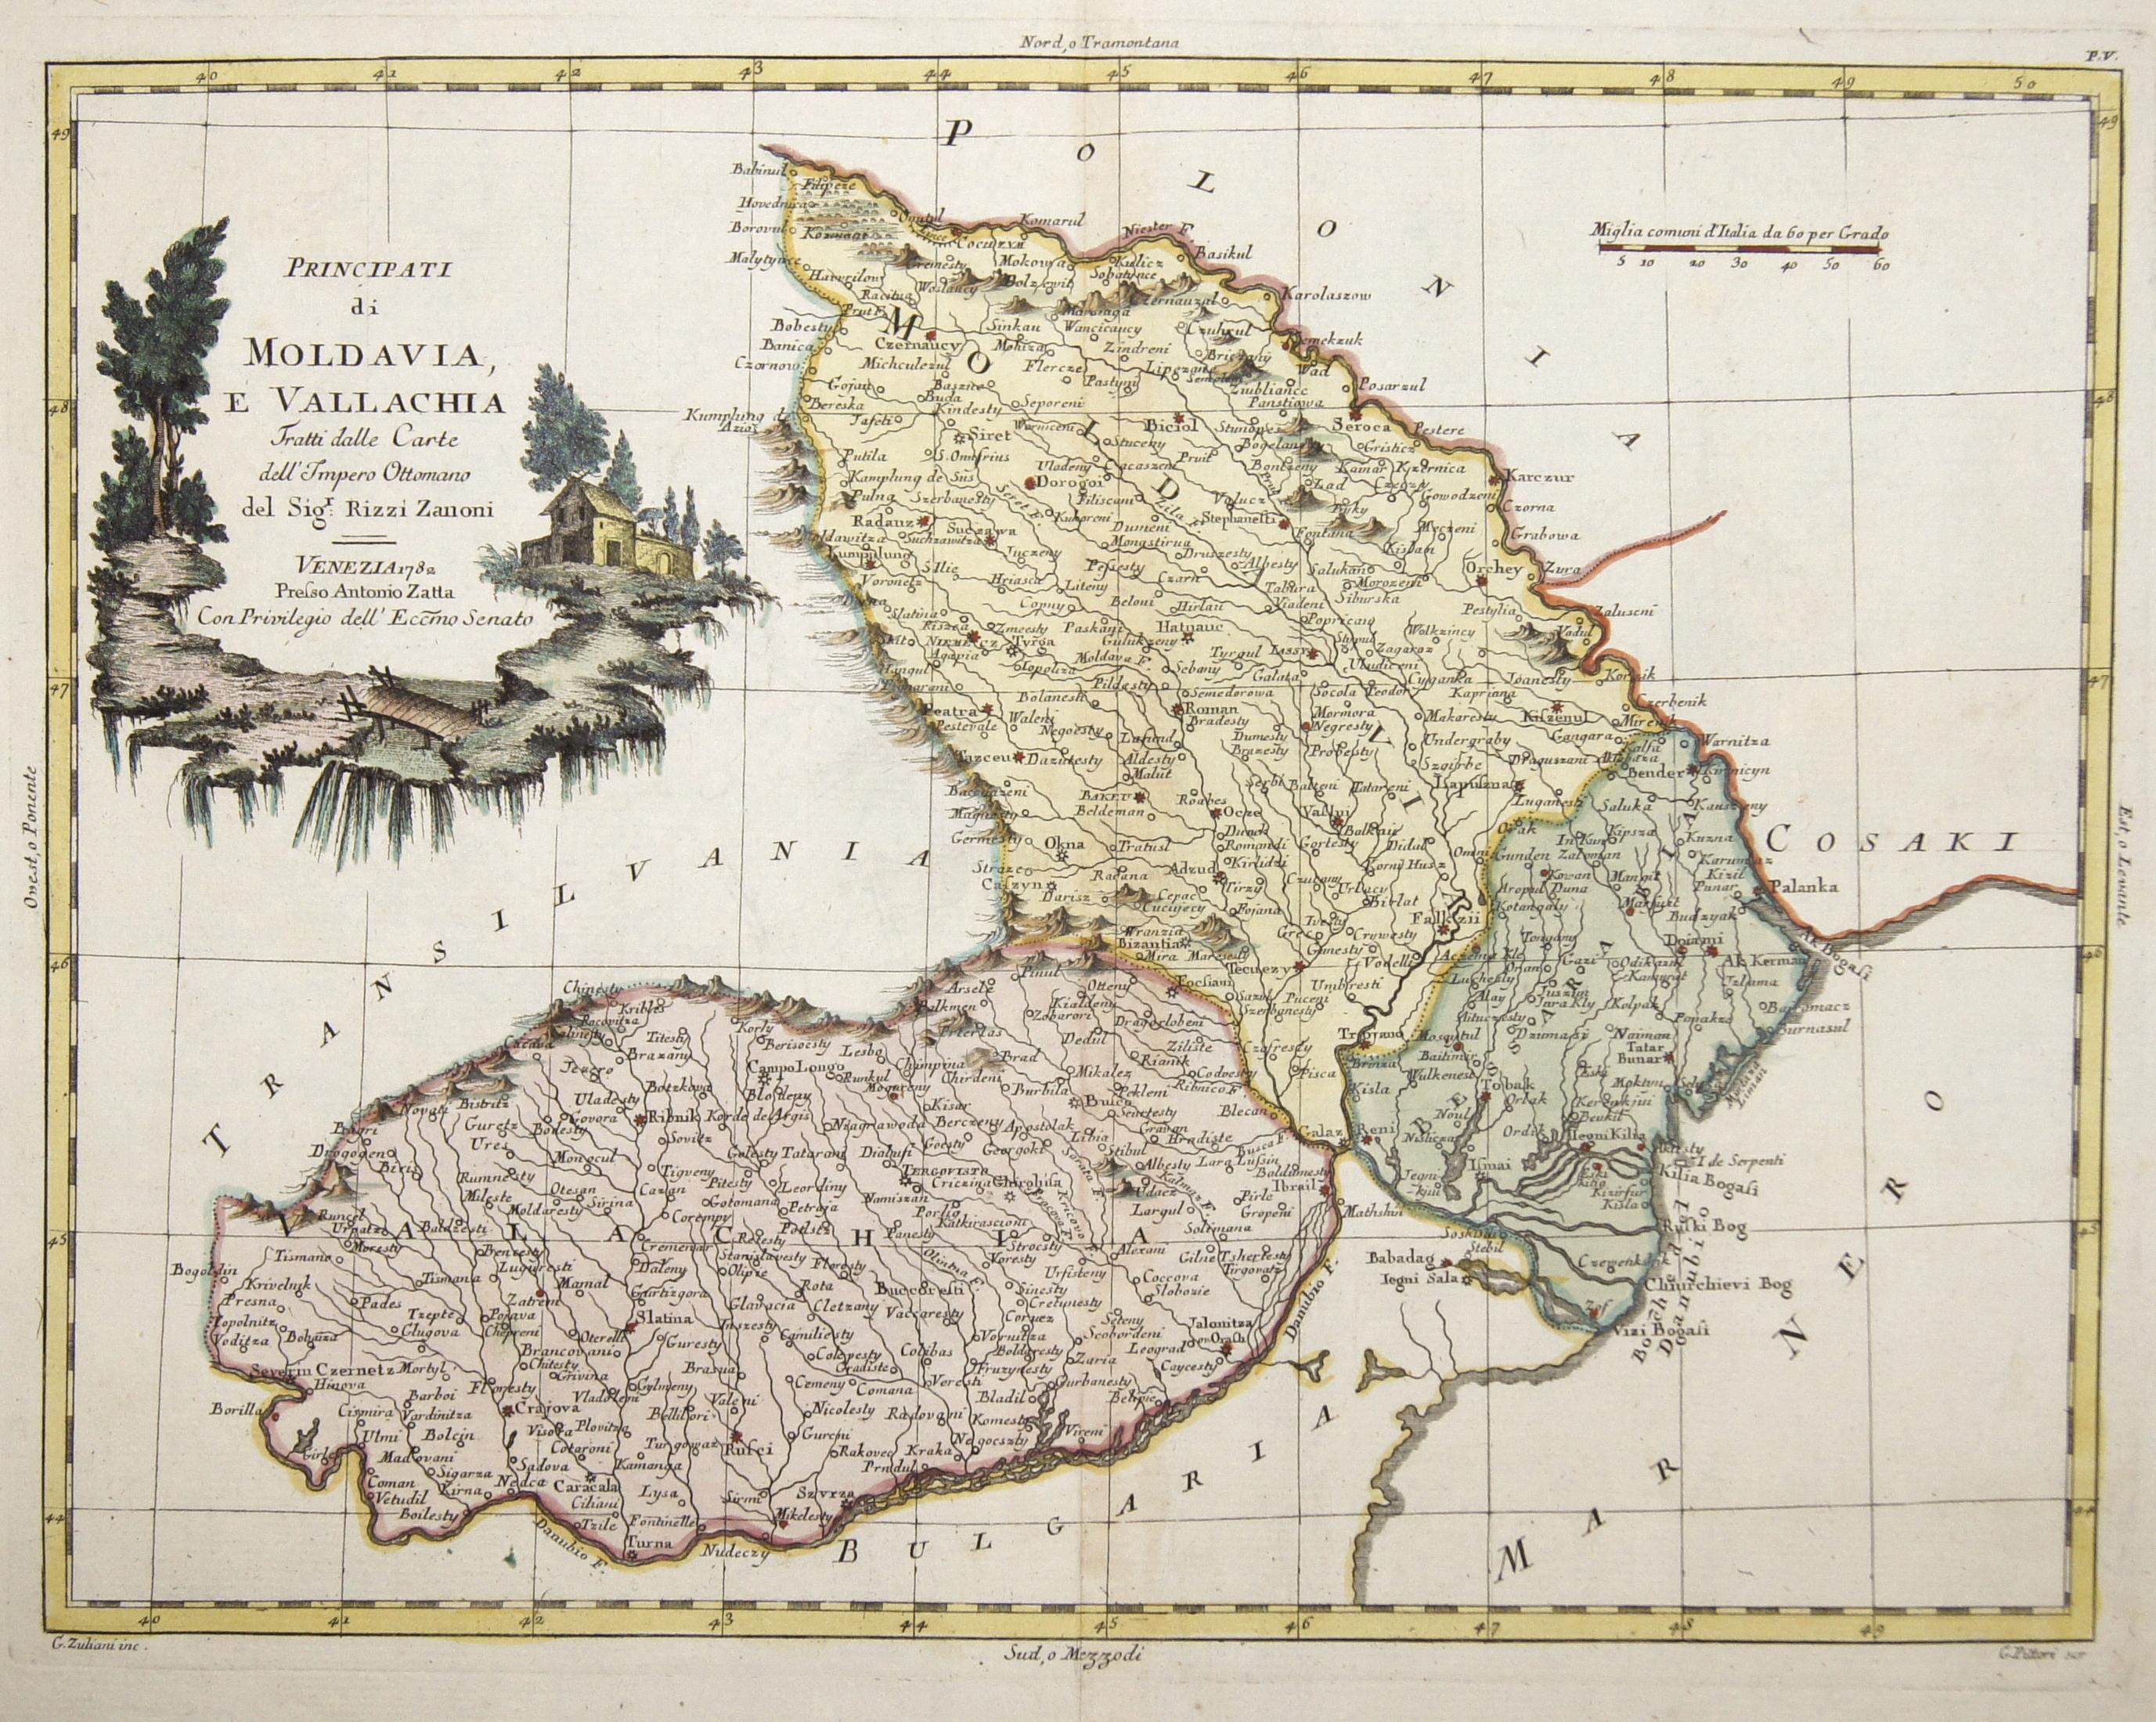 Zatta  Principati di Moldavia, e Vallachia Tratti dalle Carte dell'Impero Ottomano del Sigr. Rizzi Zanoni